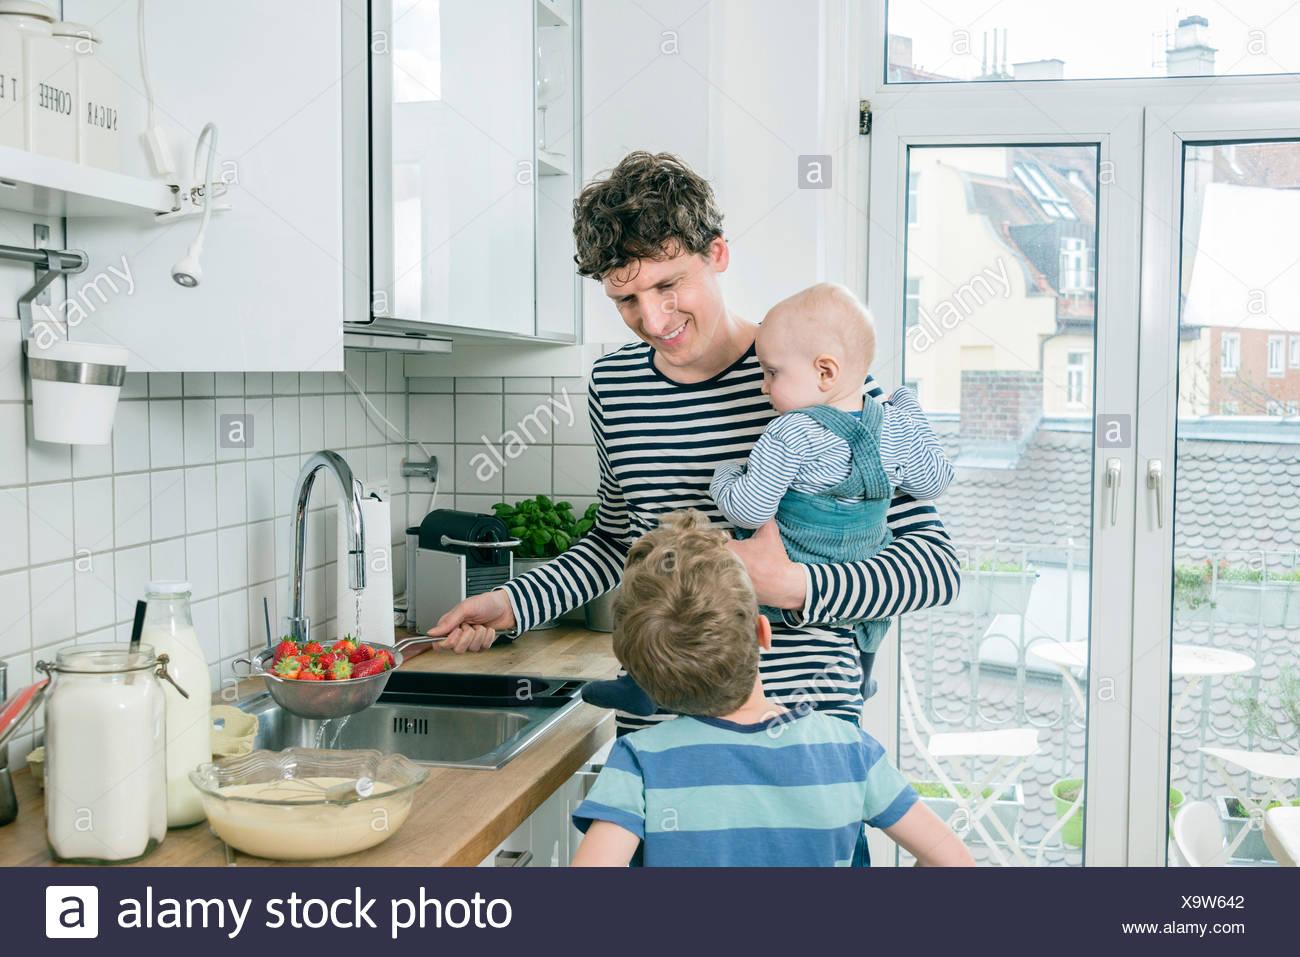 Père prépare la nourriture tout en tenant bébé dans Cuisine Photo Stock